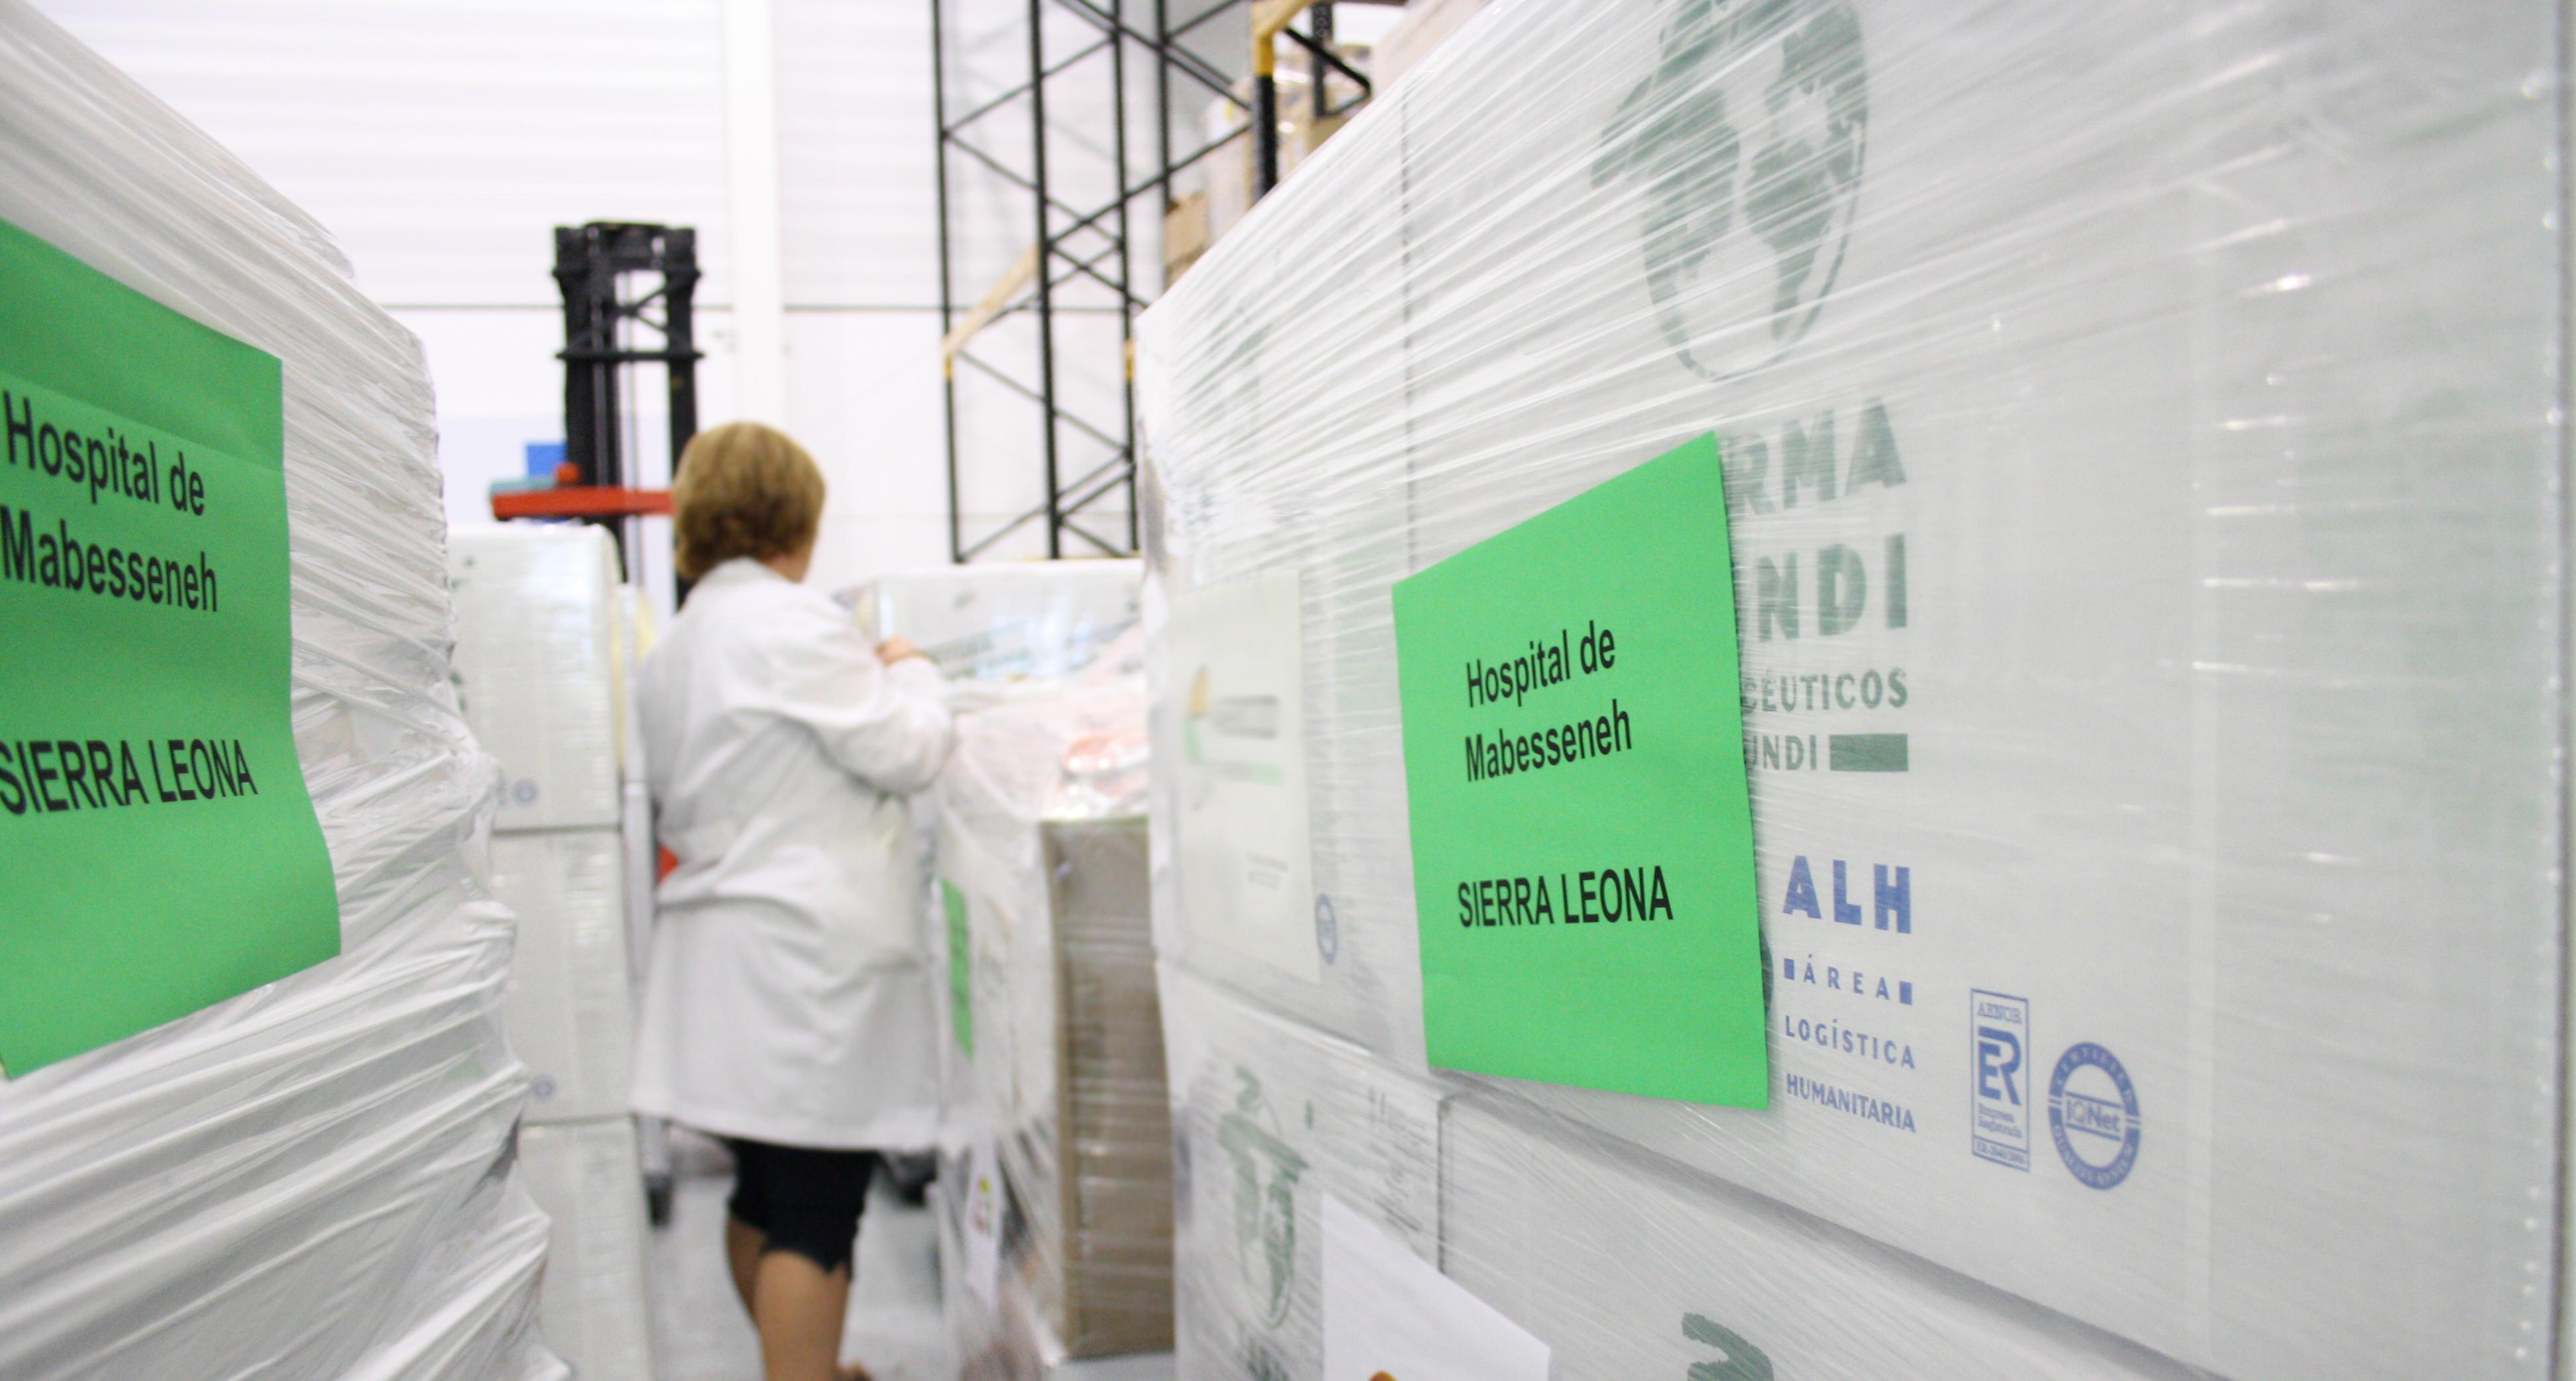 El Área Logística Humanitaria de Farmamundi facilita el acceso a los medicamentos